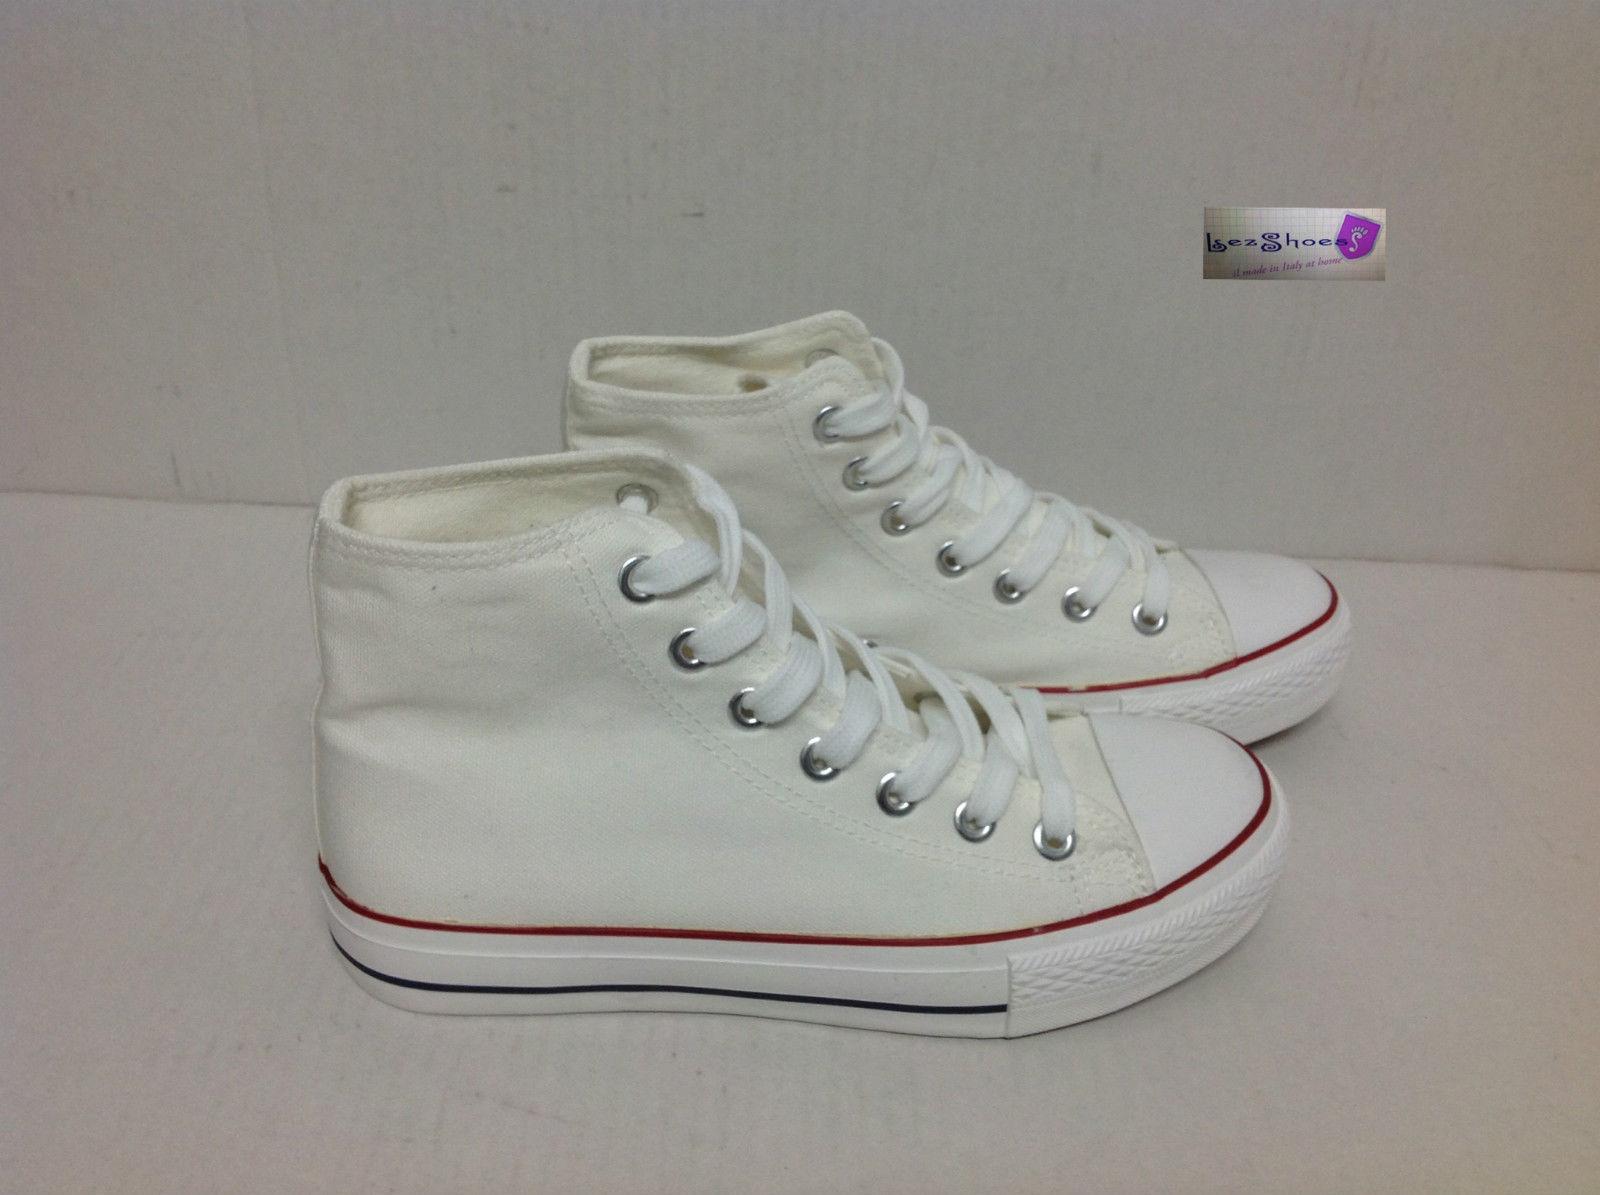 scarpe sneakers alte uomo stivaletto in tela bianche occhiel  61e3cd41066